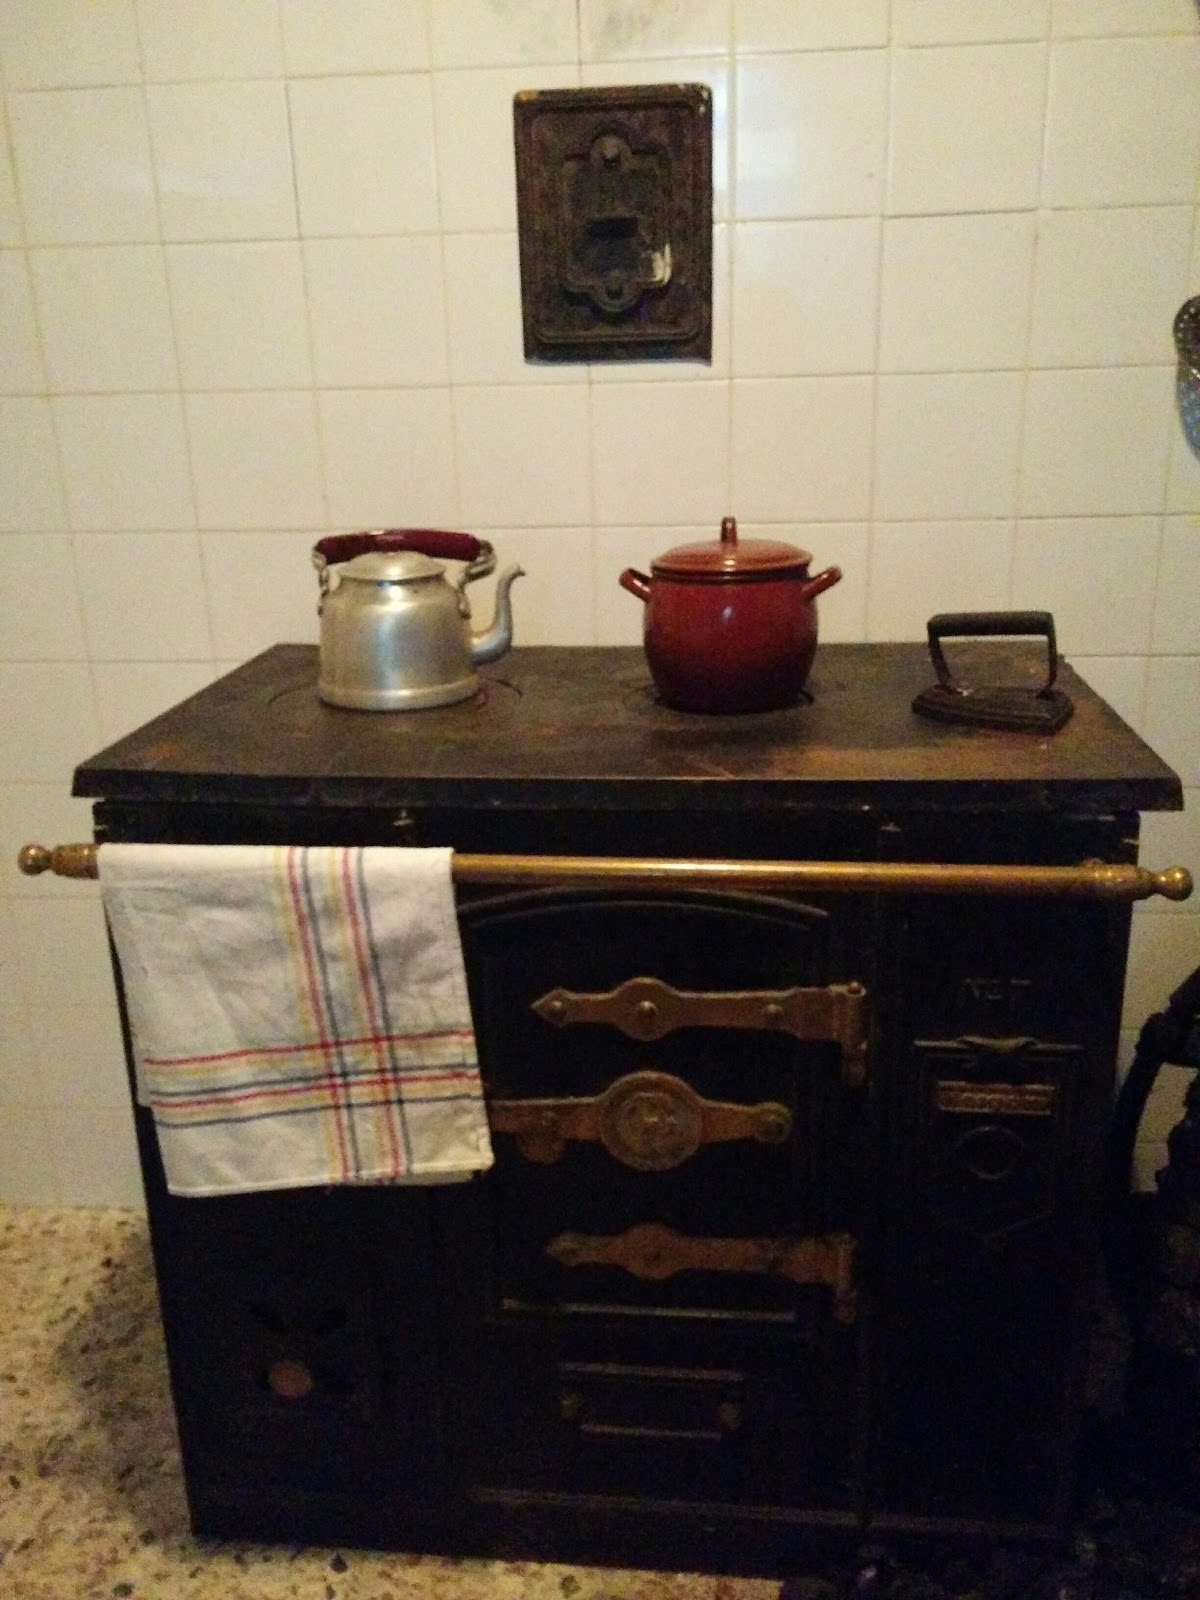 Museo centro de interpretaci n de la miner a de barruelo for Cocinas hergom vitroceramica